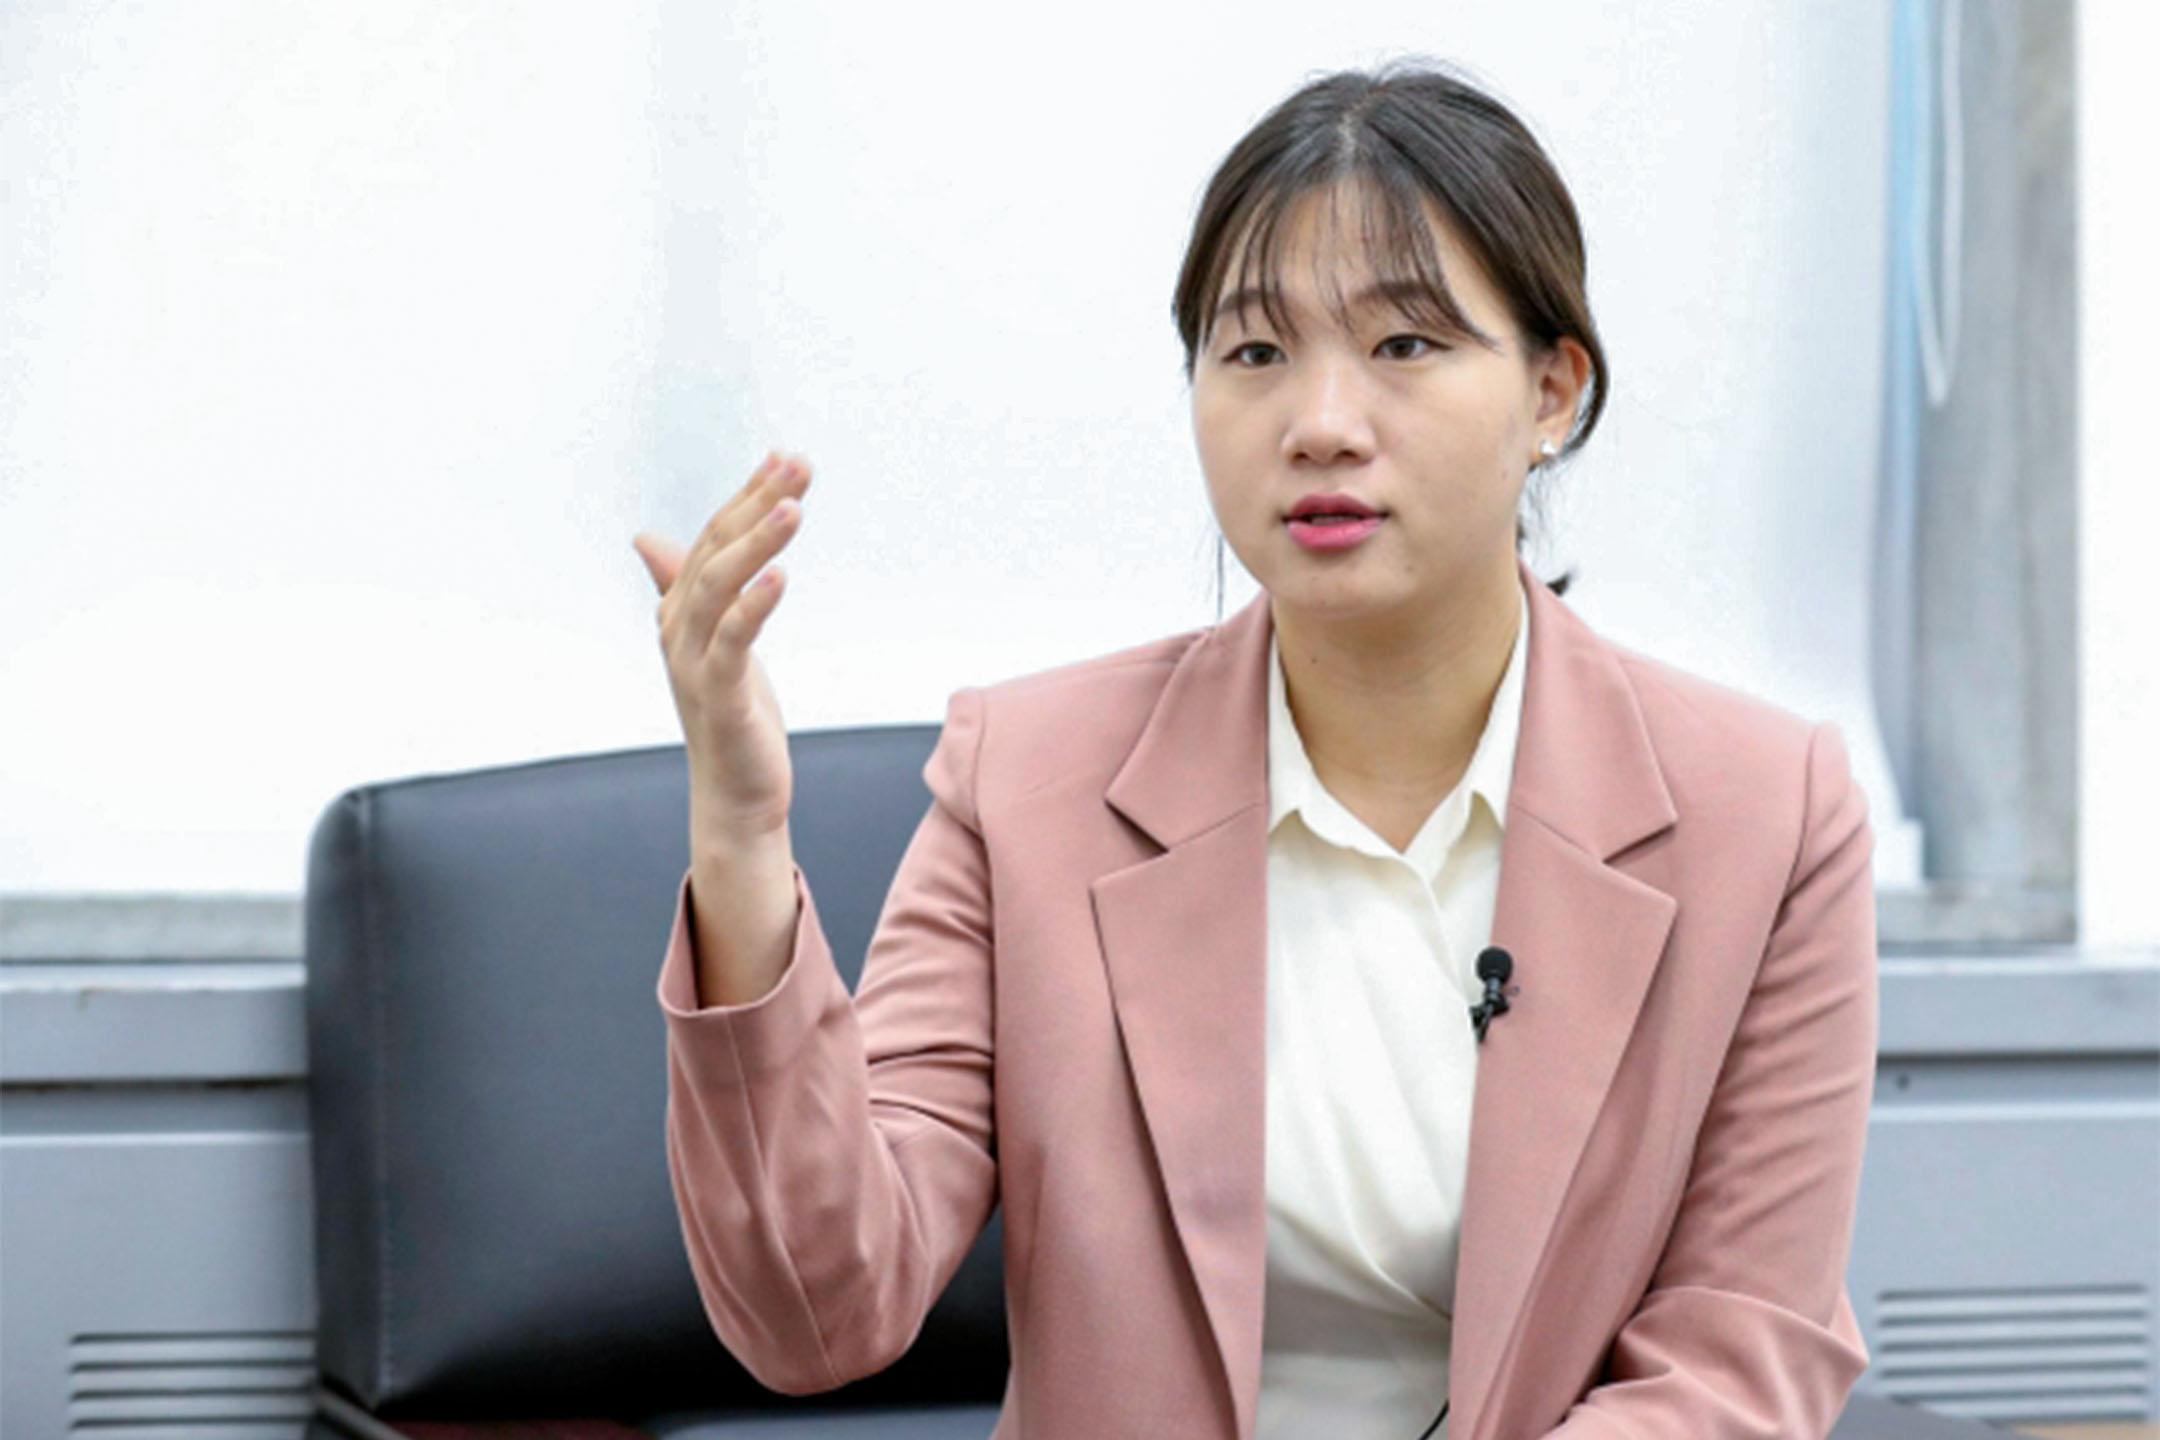 南韓女大生朴成玟。 圖:網上圖片